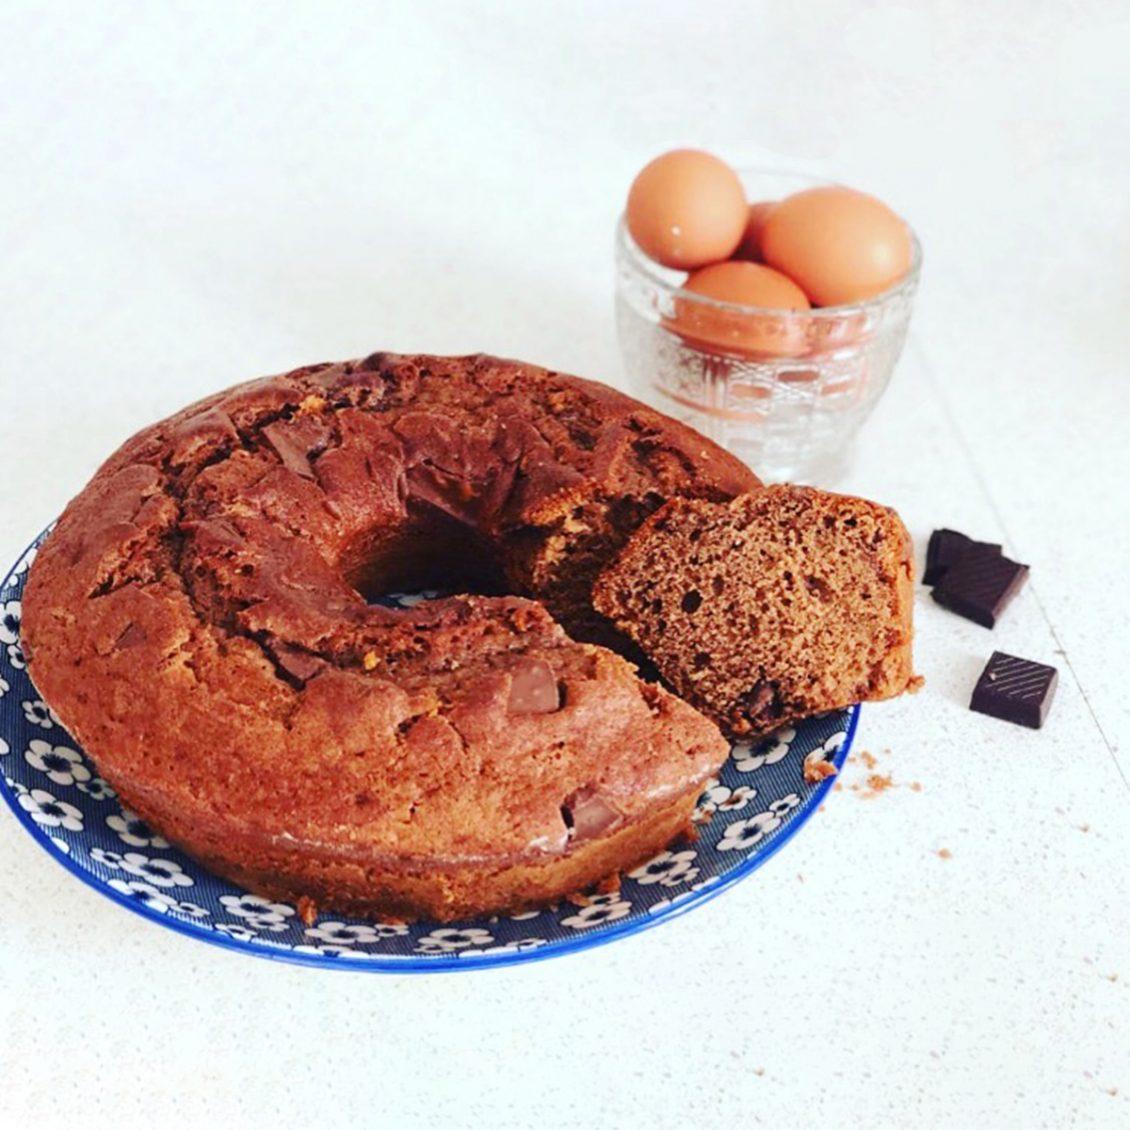 ciambella al cioccolato delle uova di Pasqua